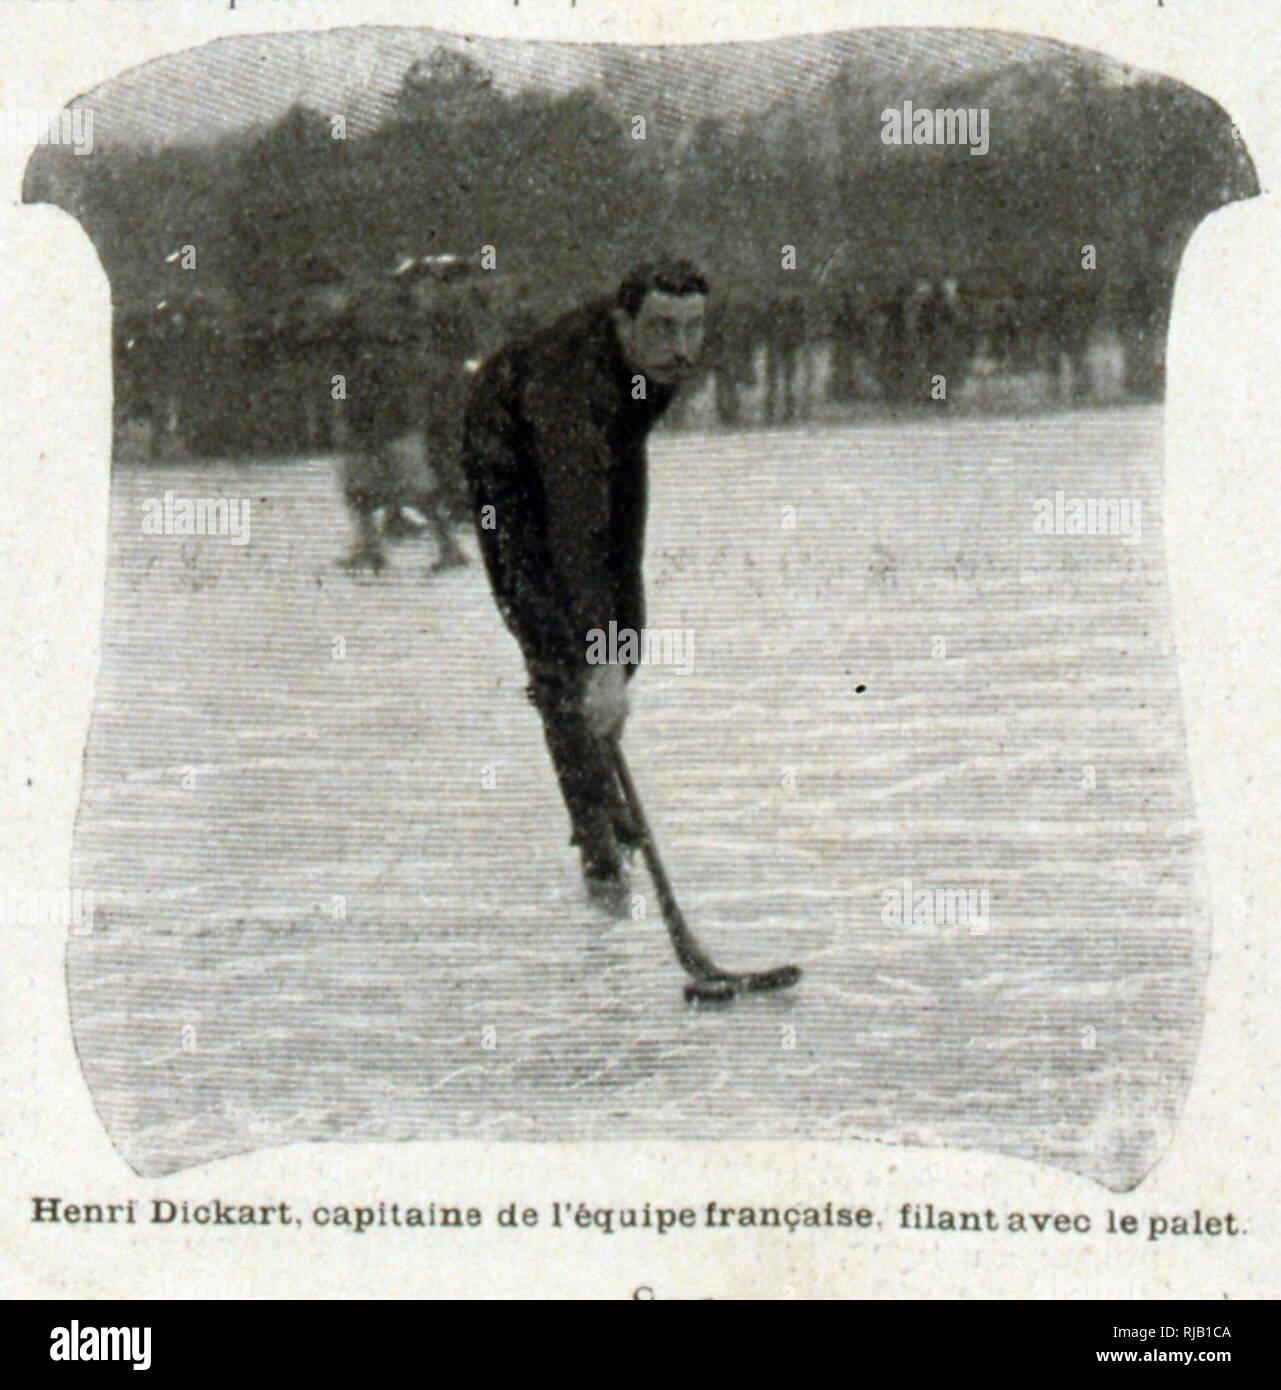 Il francese campione di ciclismo Henri Couturier, noto come Dickard come Hockey su ghiaccio capitano 1902. Il 14 dicembre 1902, un incontro è stato organizzato dal Club des Patineurs sul lago Enghien in collaborazione con il quotidiano L'Auto-Velo e giocatori da HCP. Un disgelo annullata la partita, ma cinque giorni più tardi HCP Captain's, il francese ex campione di ciclismo Henri Couturier, noto come Dickard, richiesto il club essere fuse con il Club des Patineurs. Immagini Stock